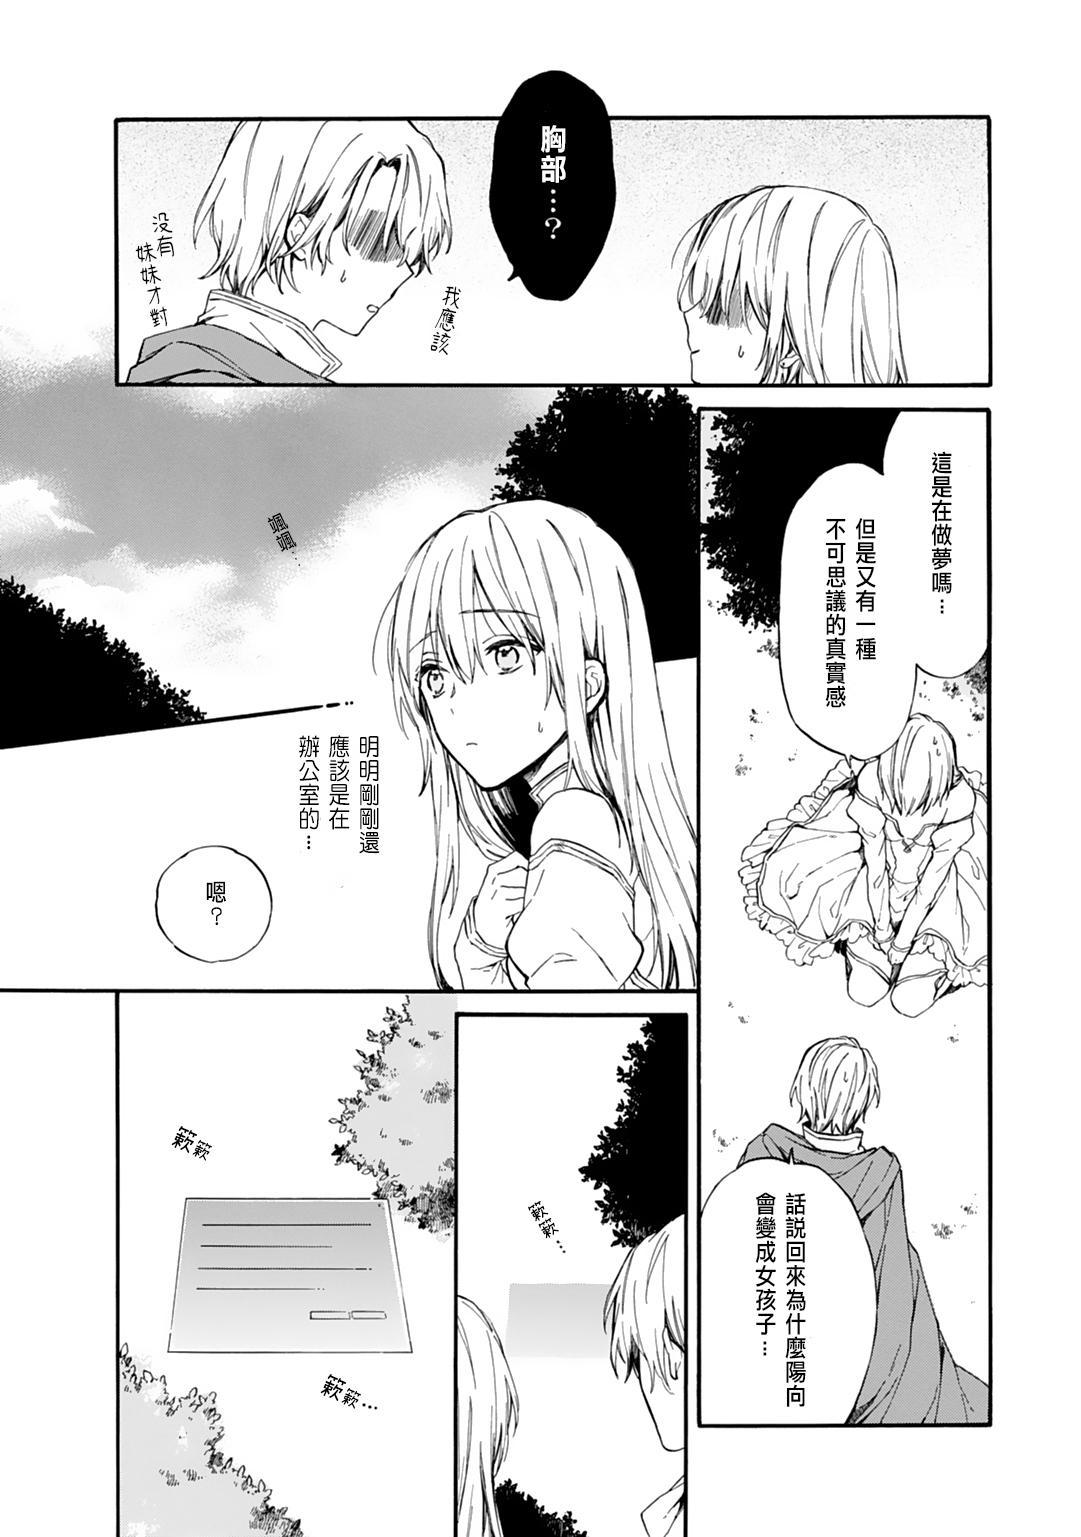 [Suzushiro Nerita] Otomege (18-kin) de Nyotaika shita Ore wa ~Clear Jouken wa Dekiai Ecchi!?~ 1-3 [Chinese] 11